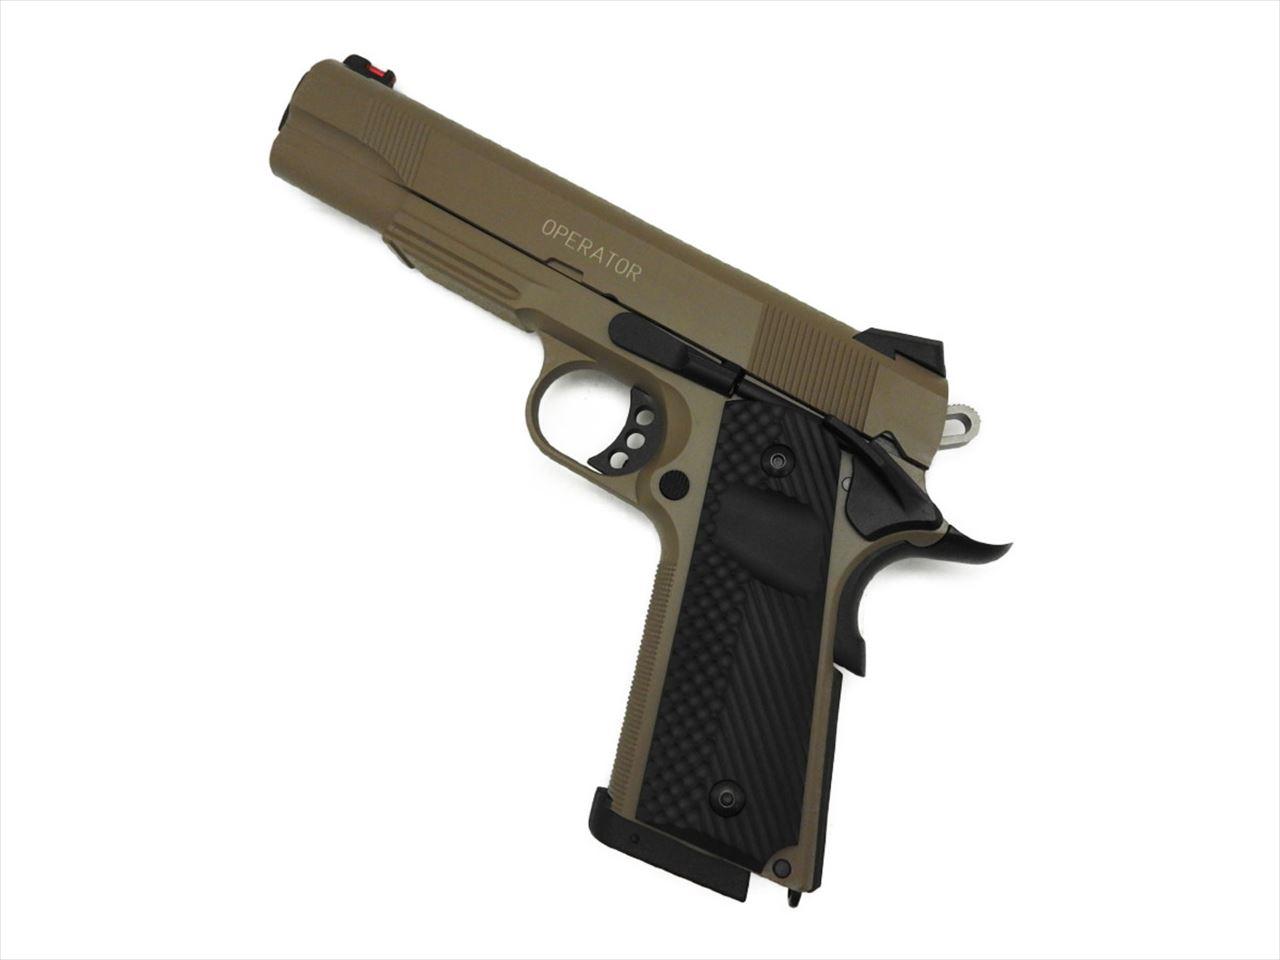 【エントリー全会員P10倍】 タニオコバ Carbon8 カーボン8 M45 DOC CO2 ガスガン ガスブローバック 銃 サバゲー 18歳以上 460322